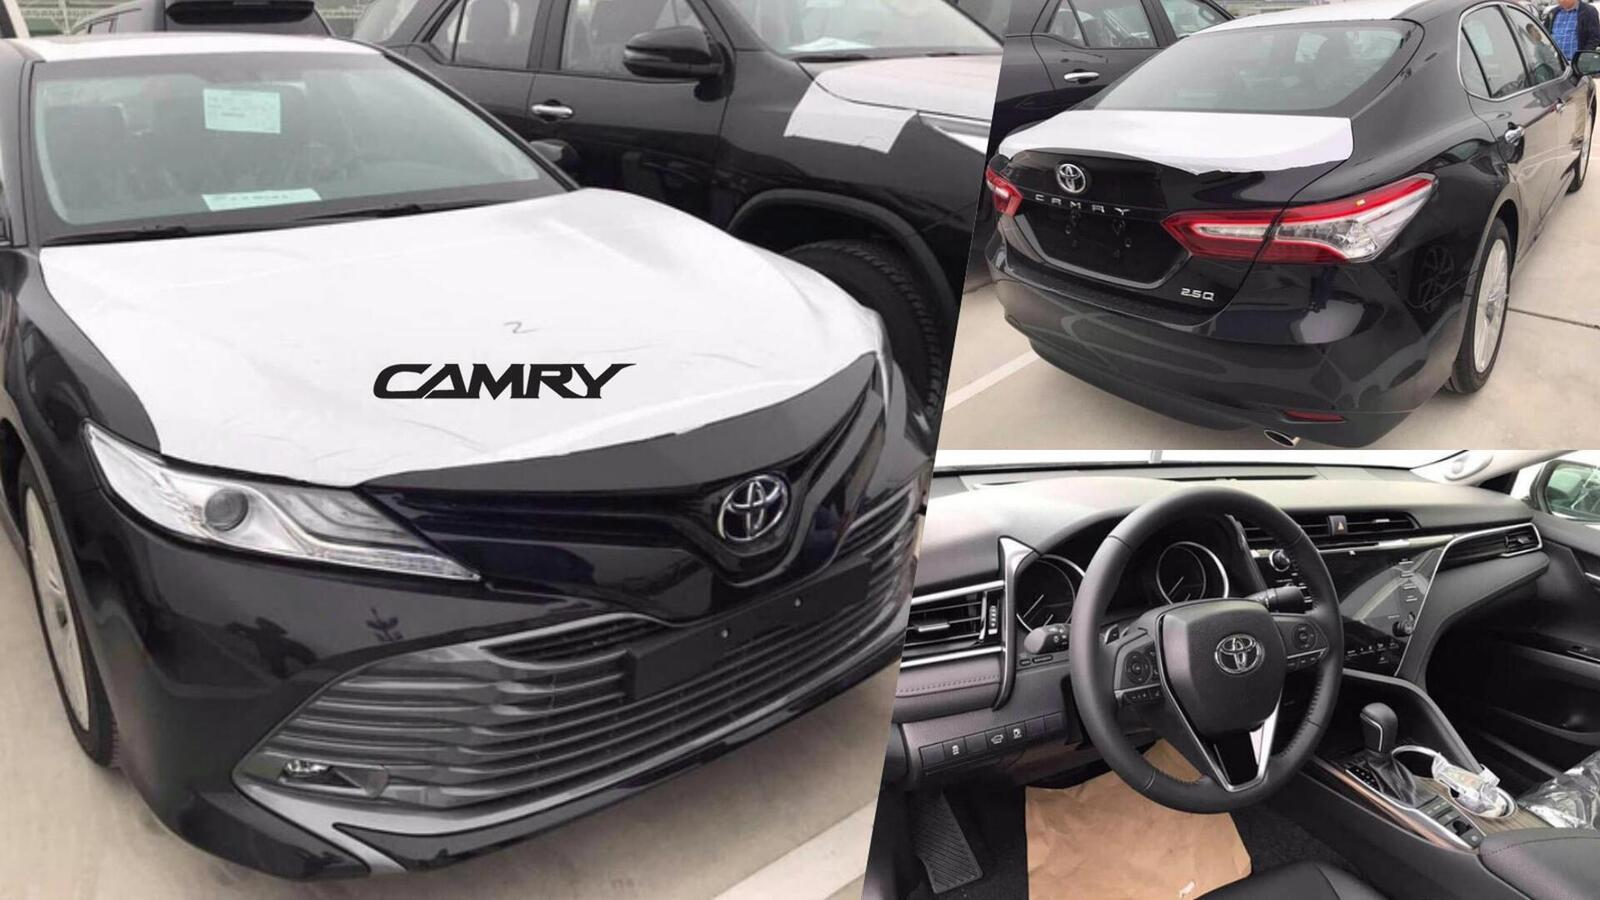 Toyota Camry thế hệ mới đã về đến Việt Nam - Chuẩn bị ra mắt công chúng - Hình 1